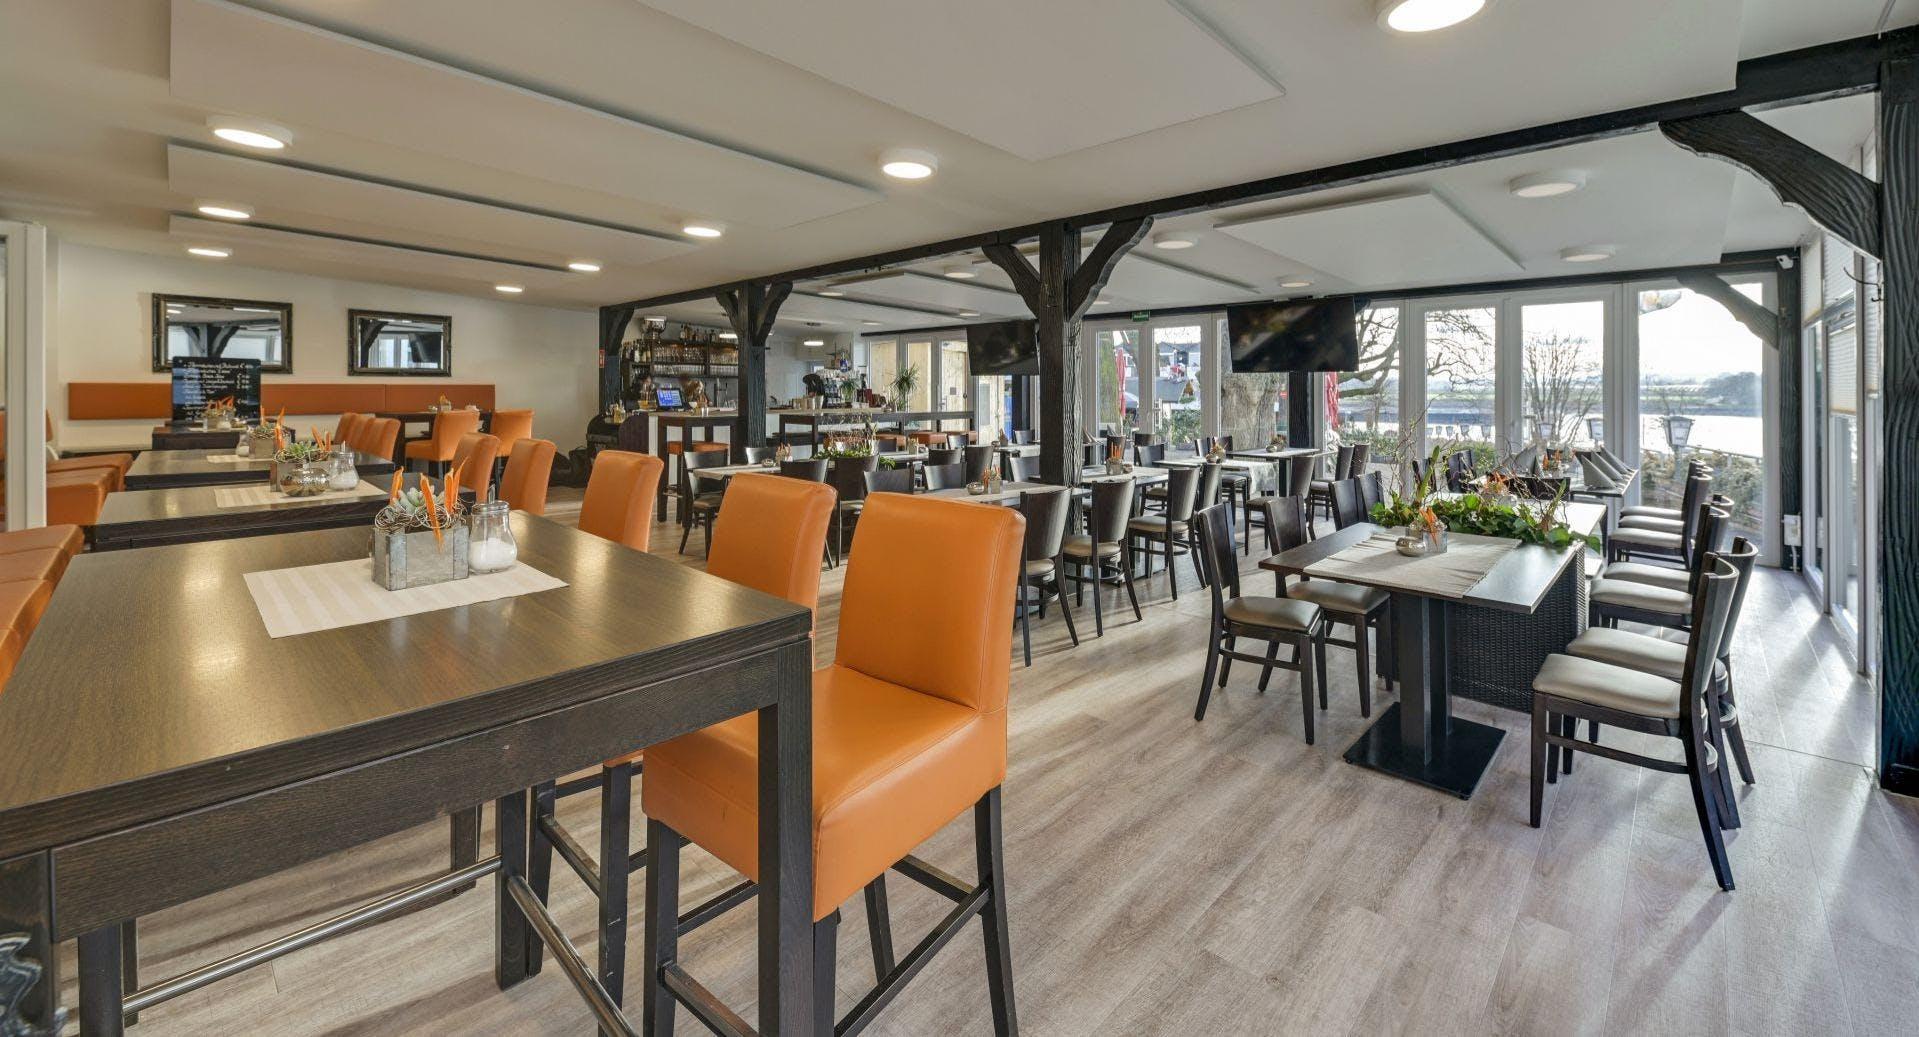 Restaurant Schlimgen Niederkassel image 1